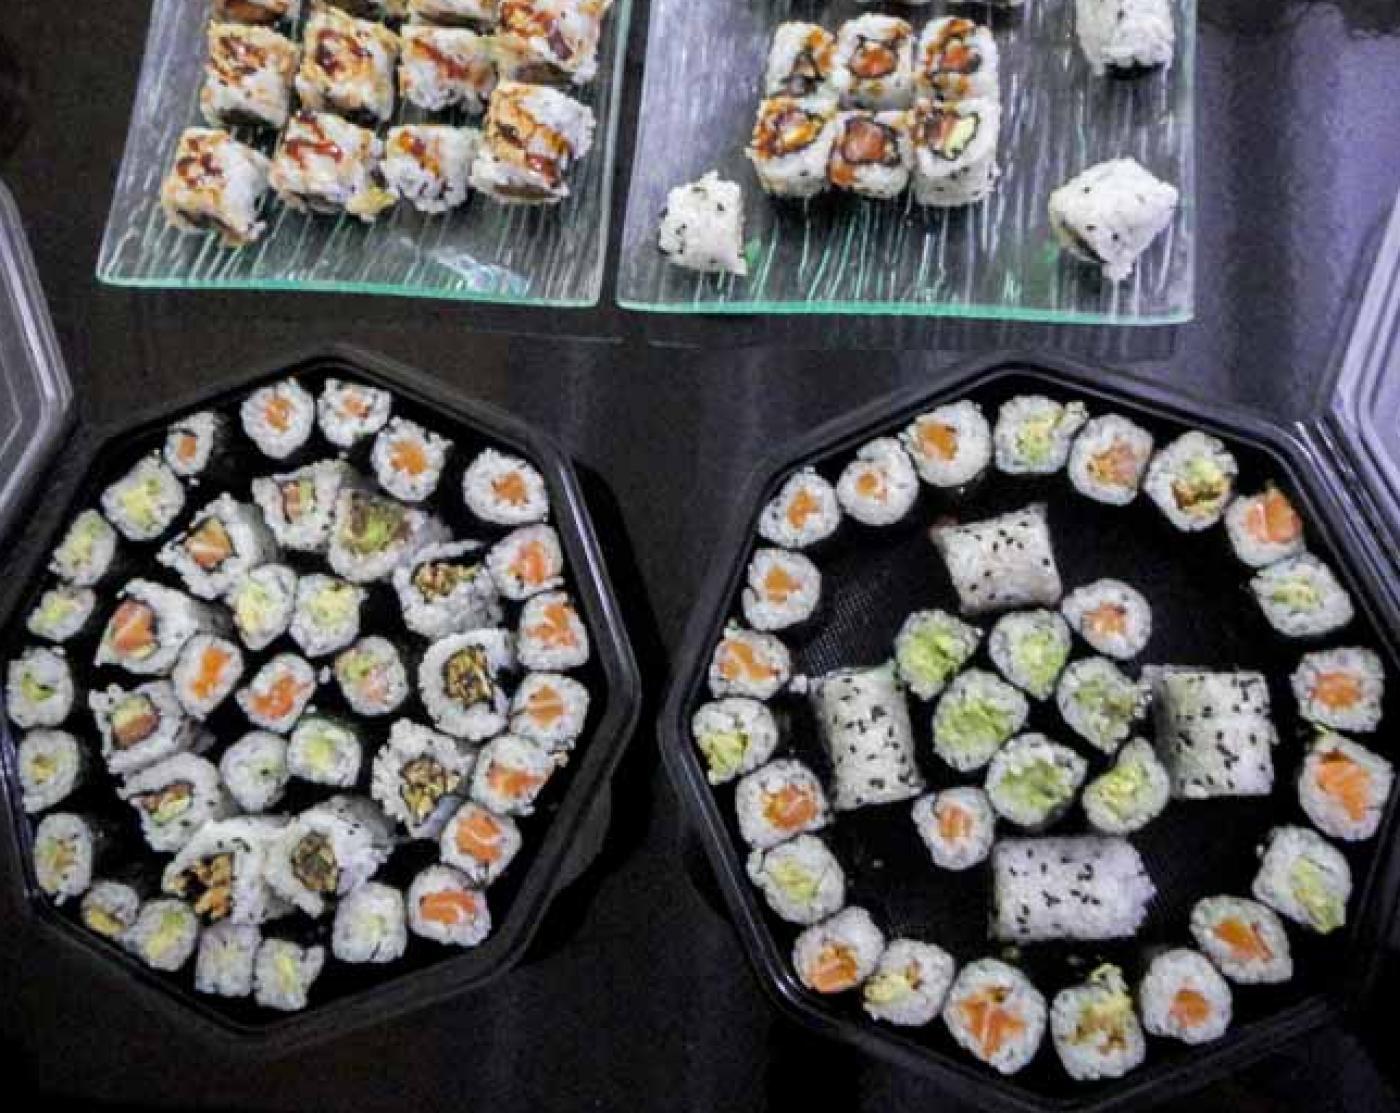 Sushis addict